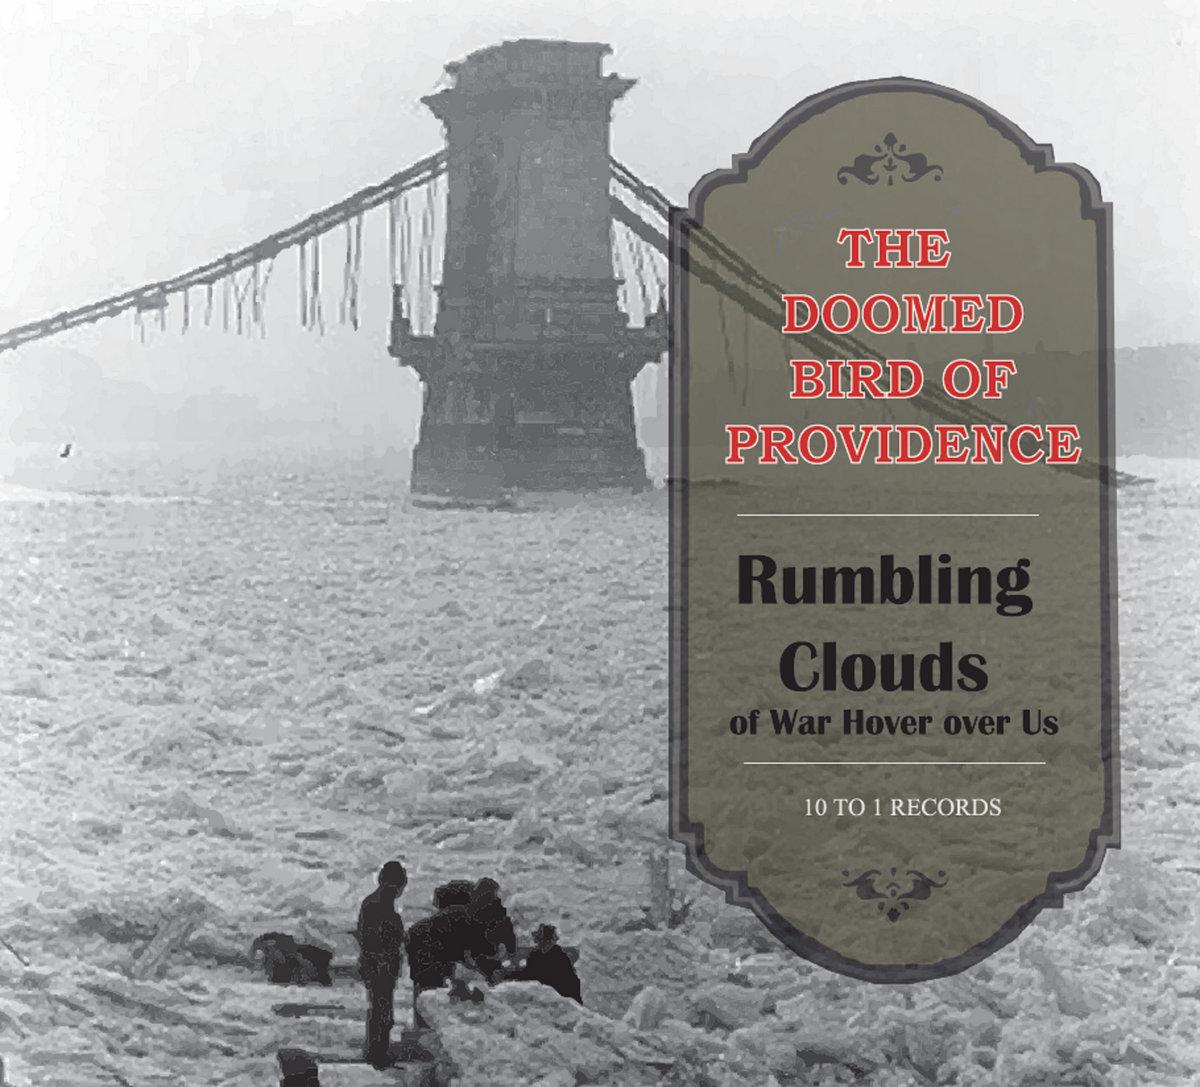 Rumbling Clouds